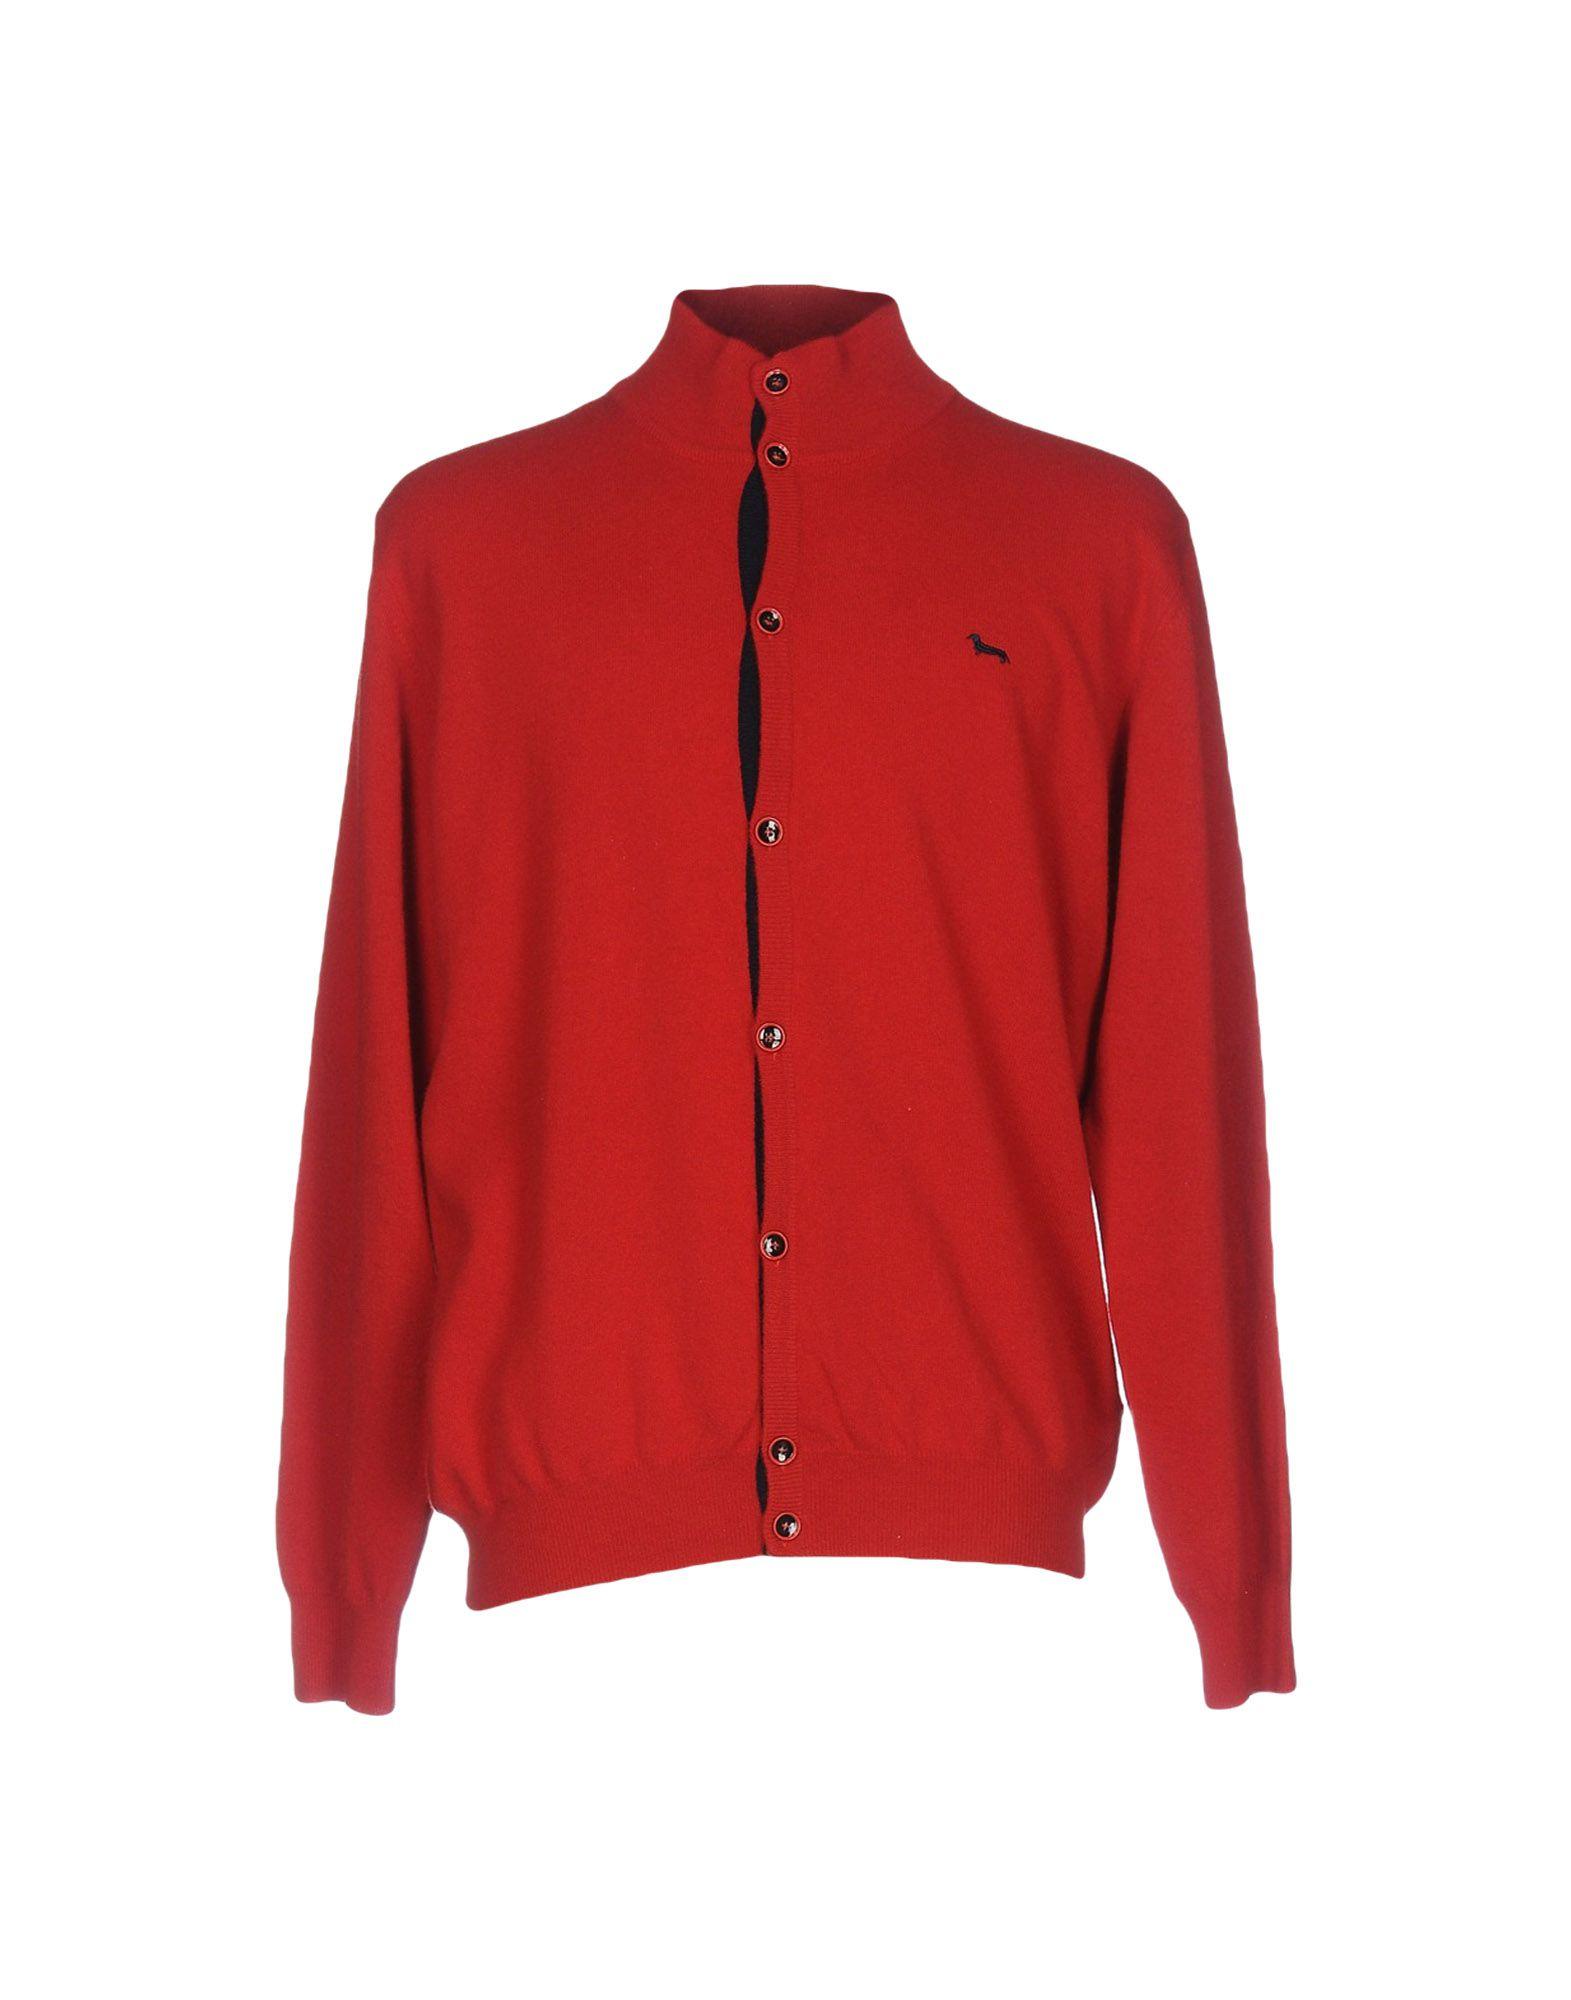 HARMONT&BLAINE Herren Strickjacke Farbe Rot Größe 4 jetztbilligerkaufen